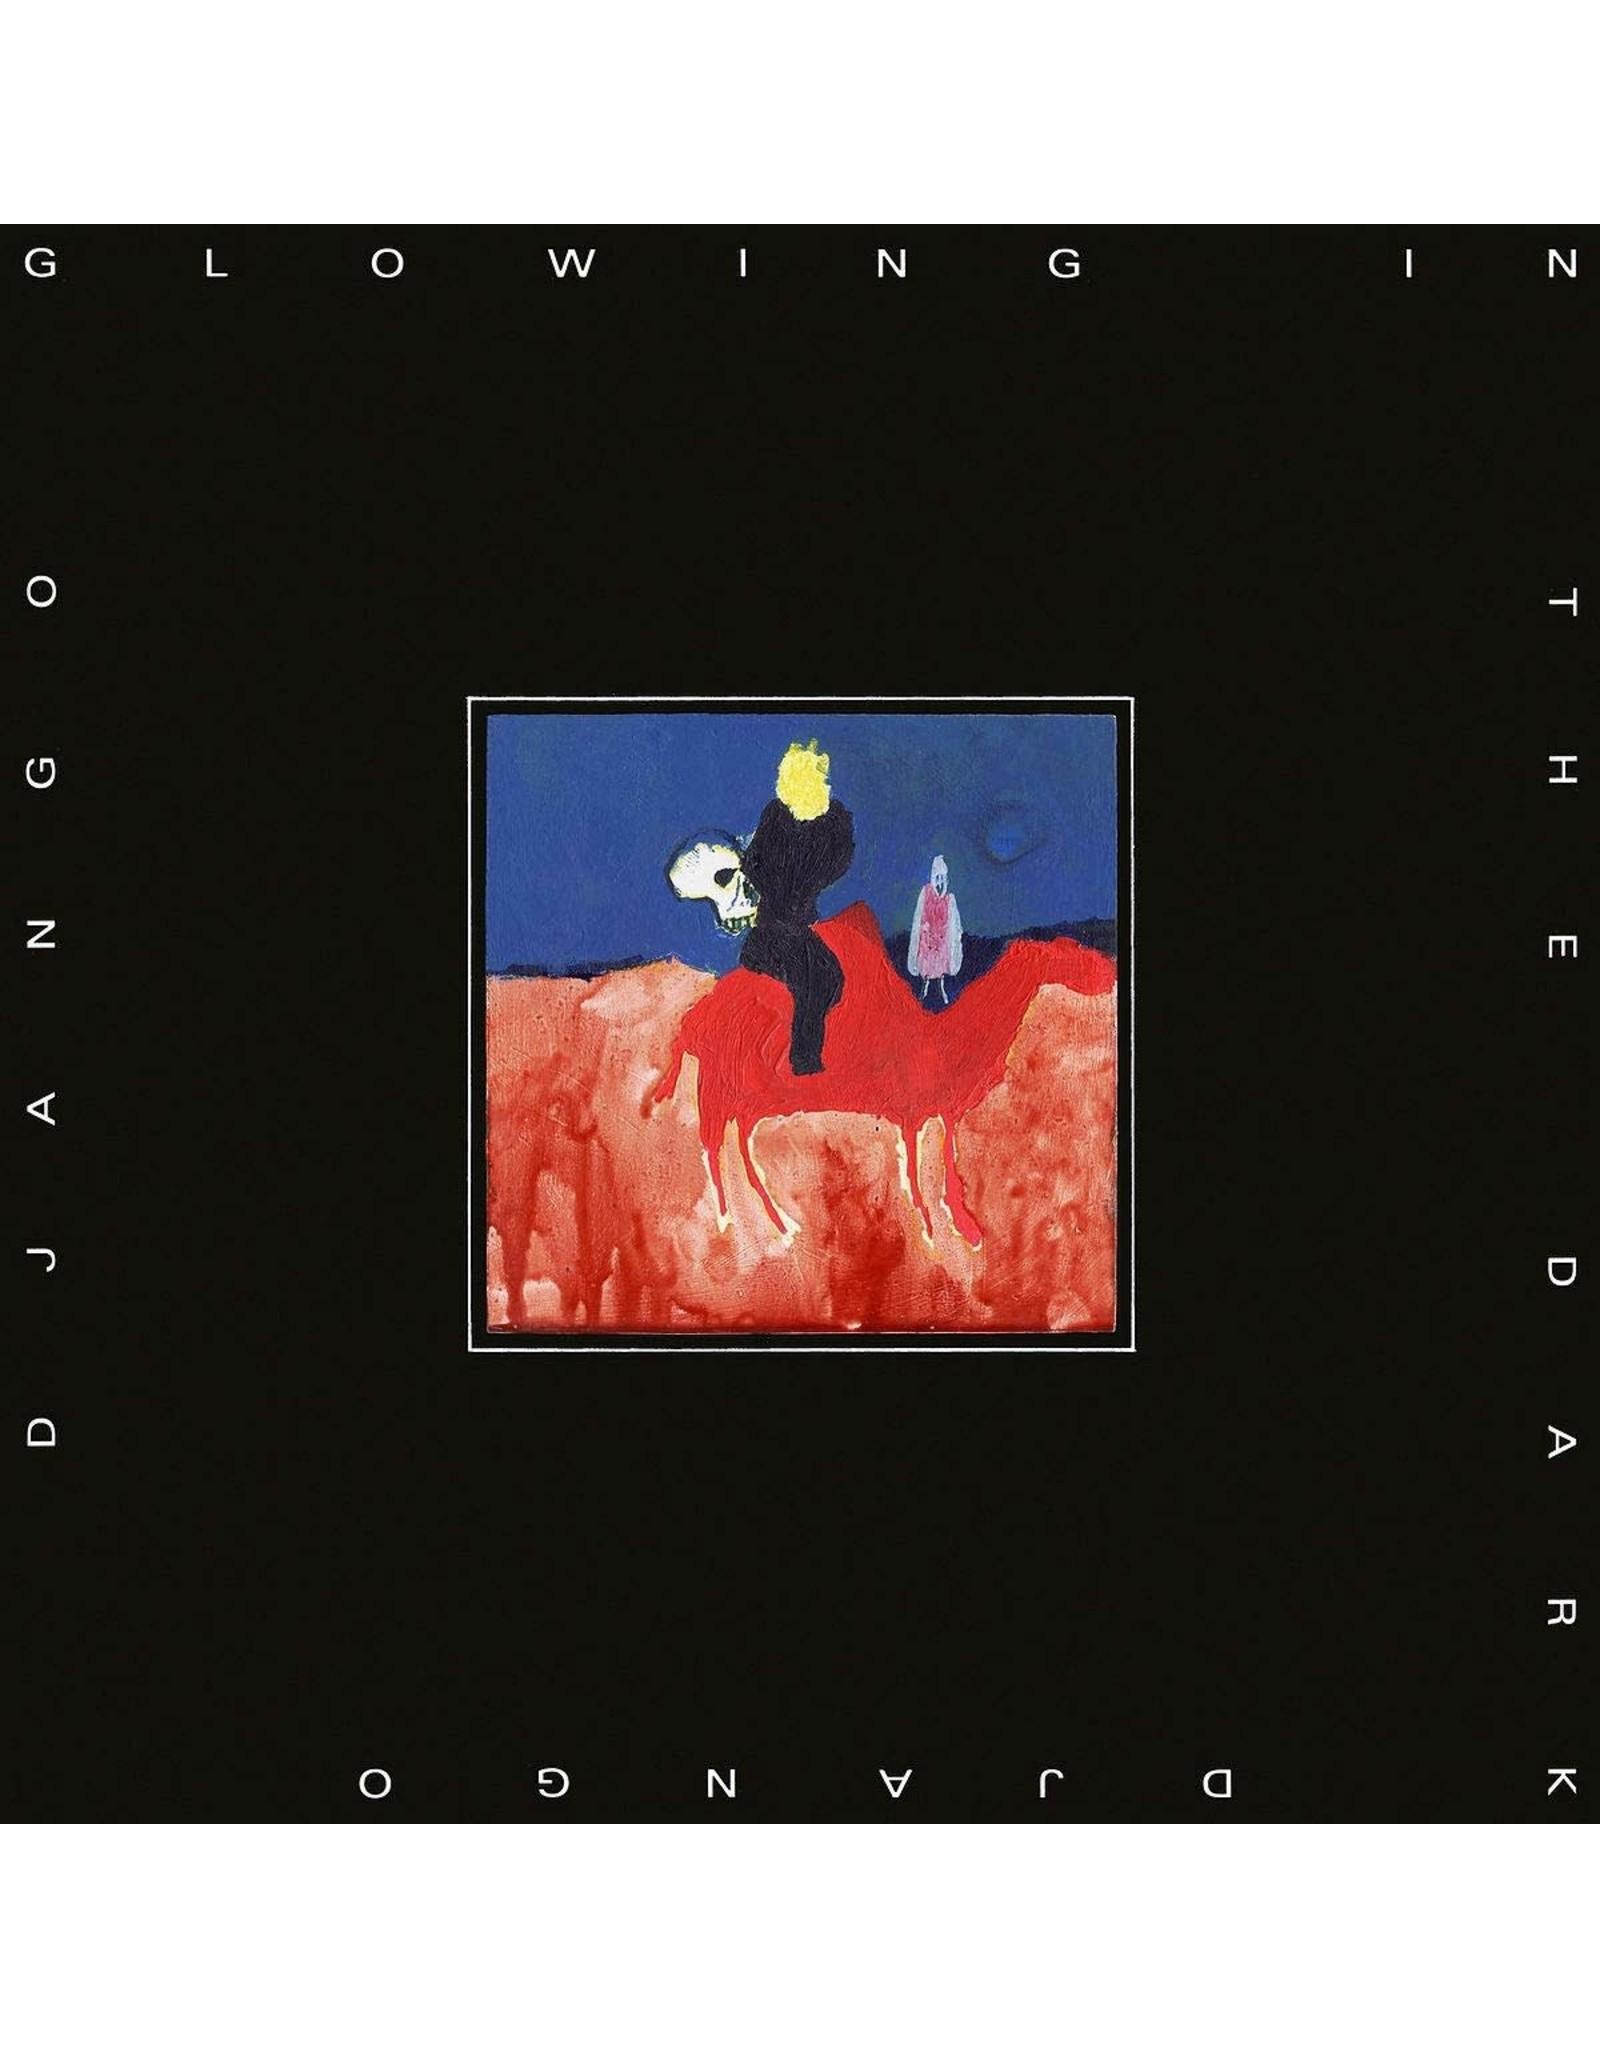 New Vinyl Django Django - Glowing In The Dark LP